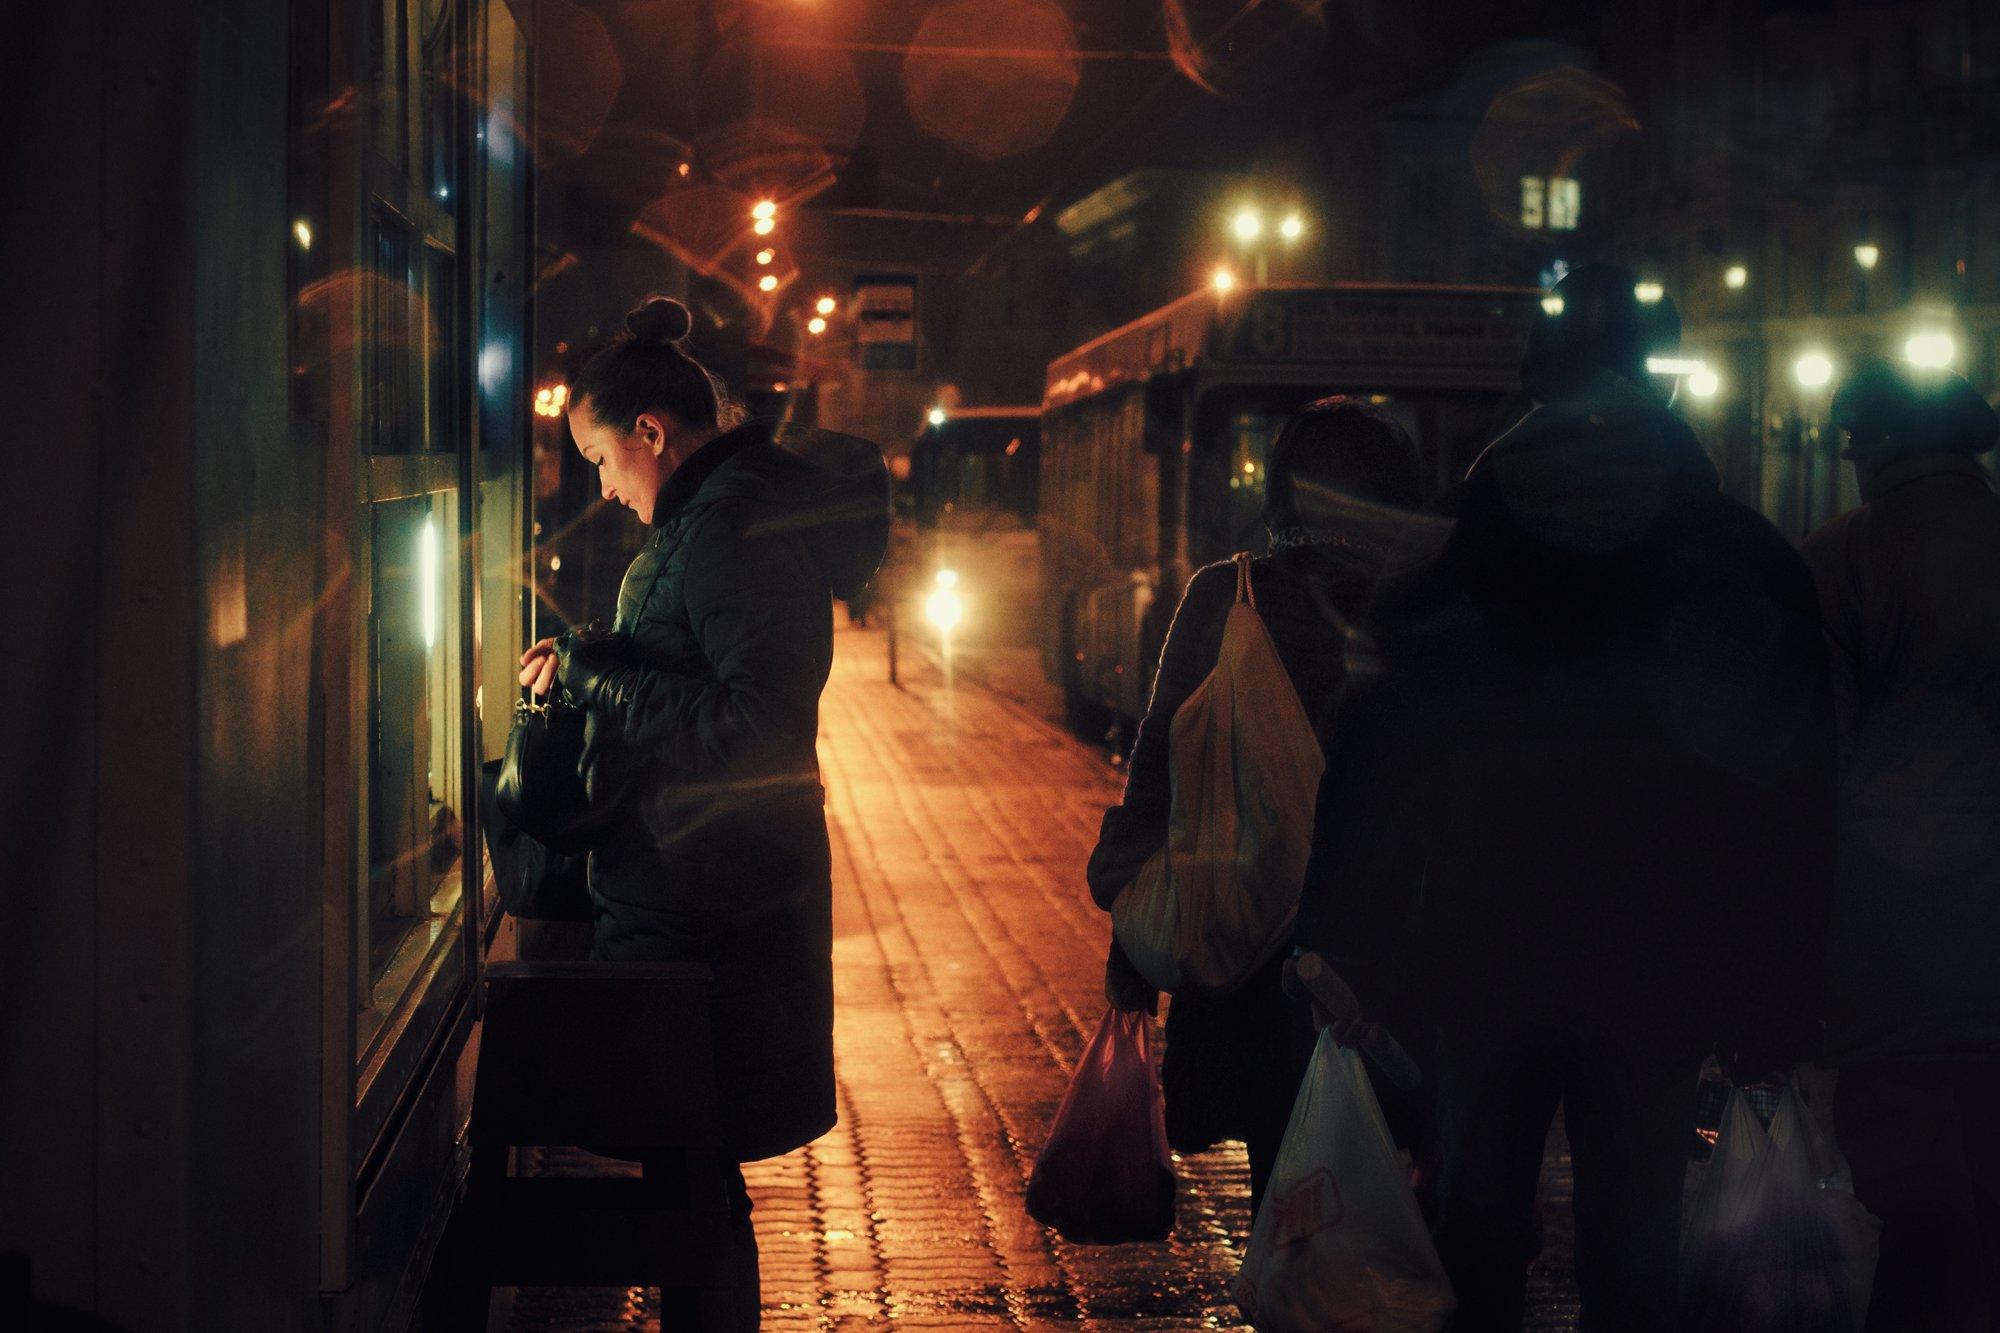 улица, прохожие, ростов-на-дону, центр города, репортаж, зима, Наталья Голубева